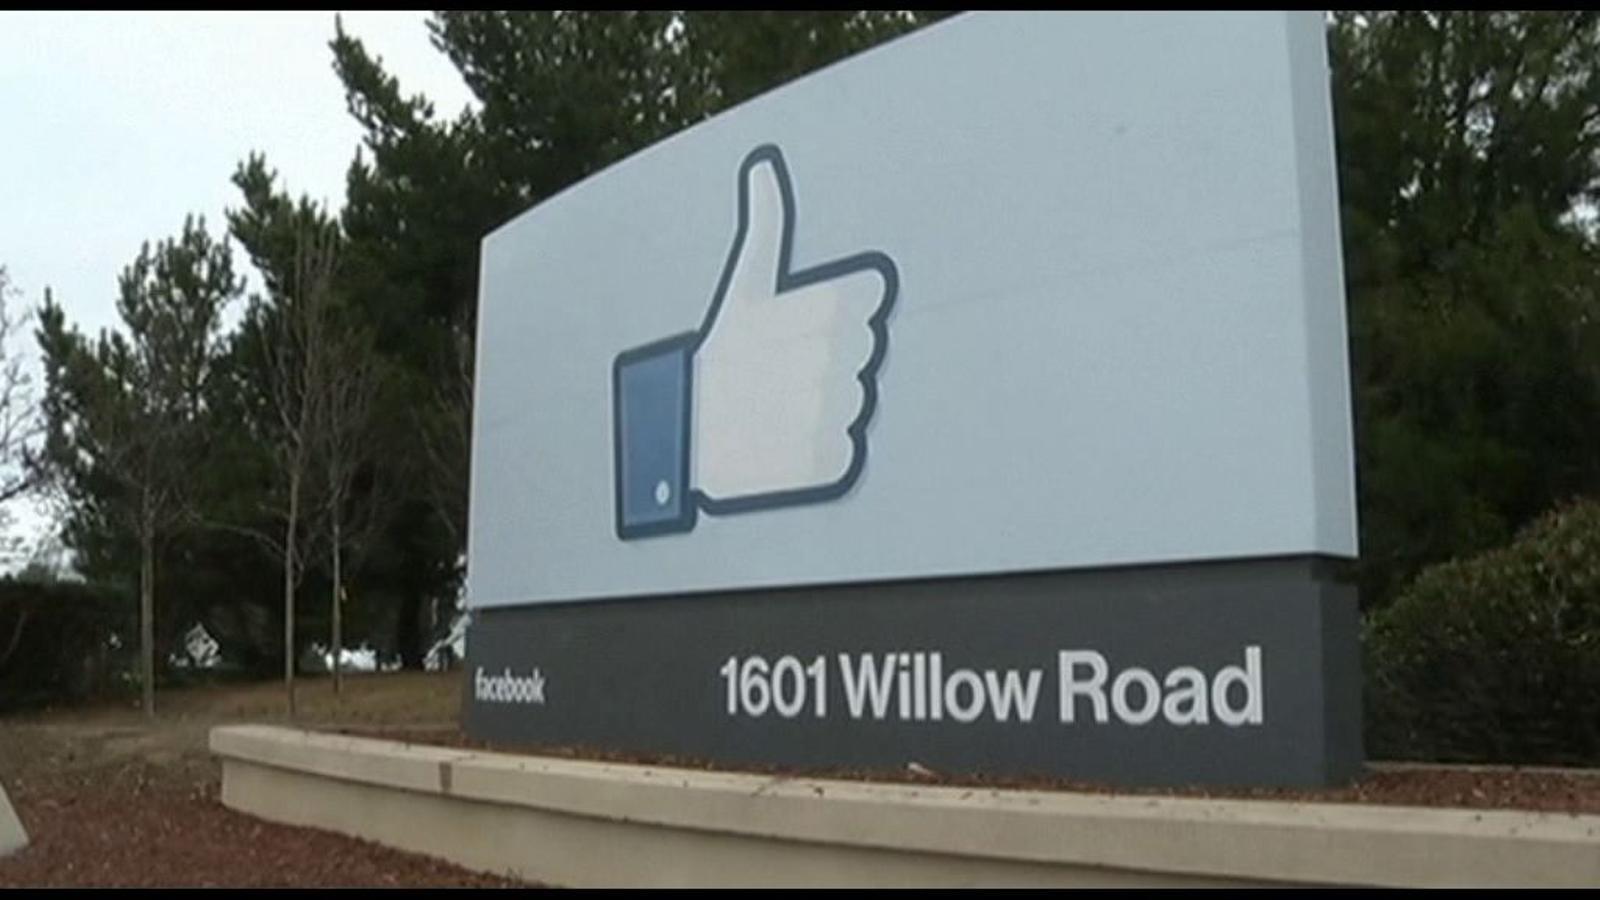 Les accions de Facebook es troben per sota dels 20$